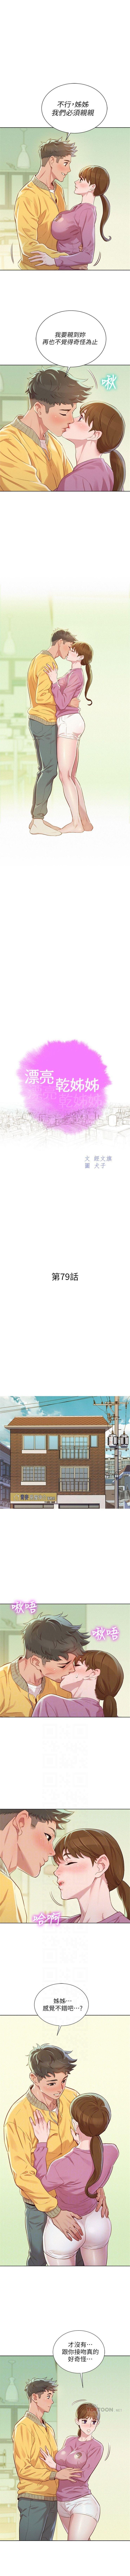 (周7)漂亮干姐姐  1-81 中文翻译 (更新中) 443